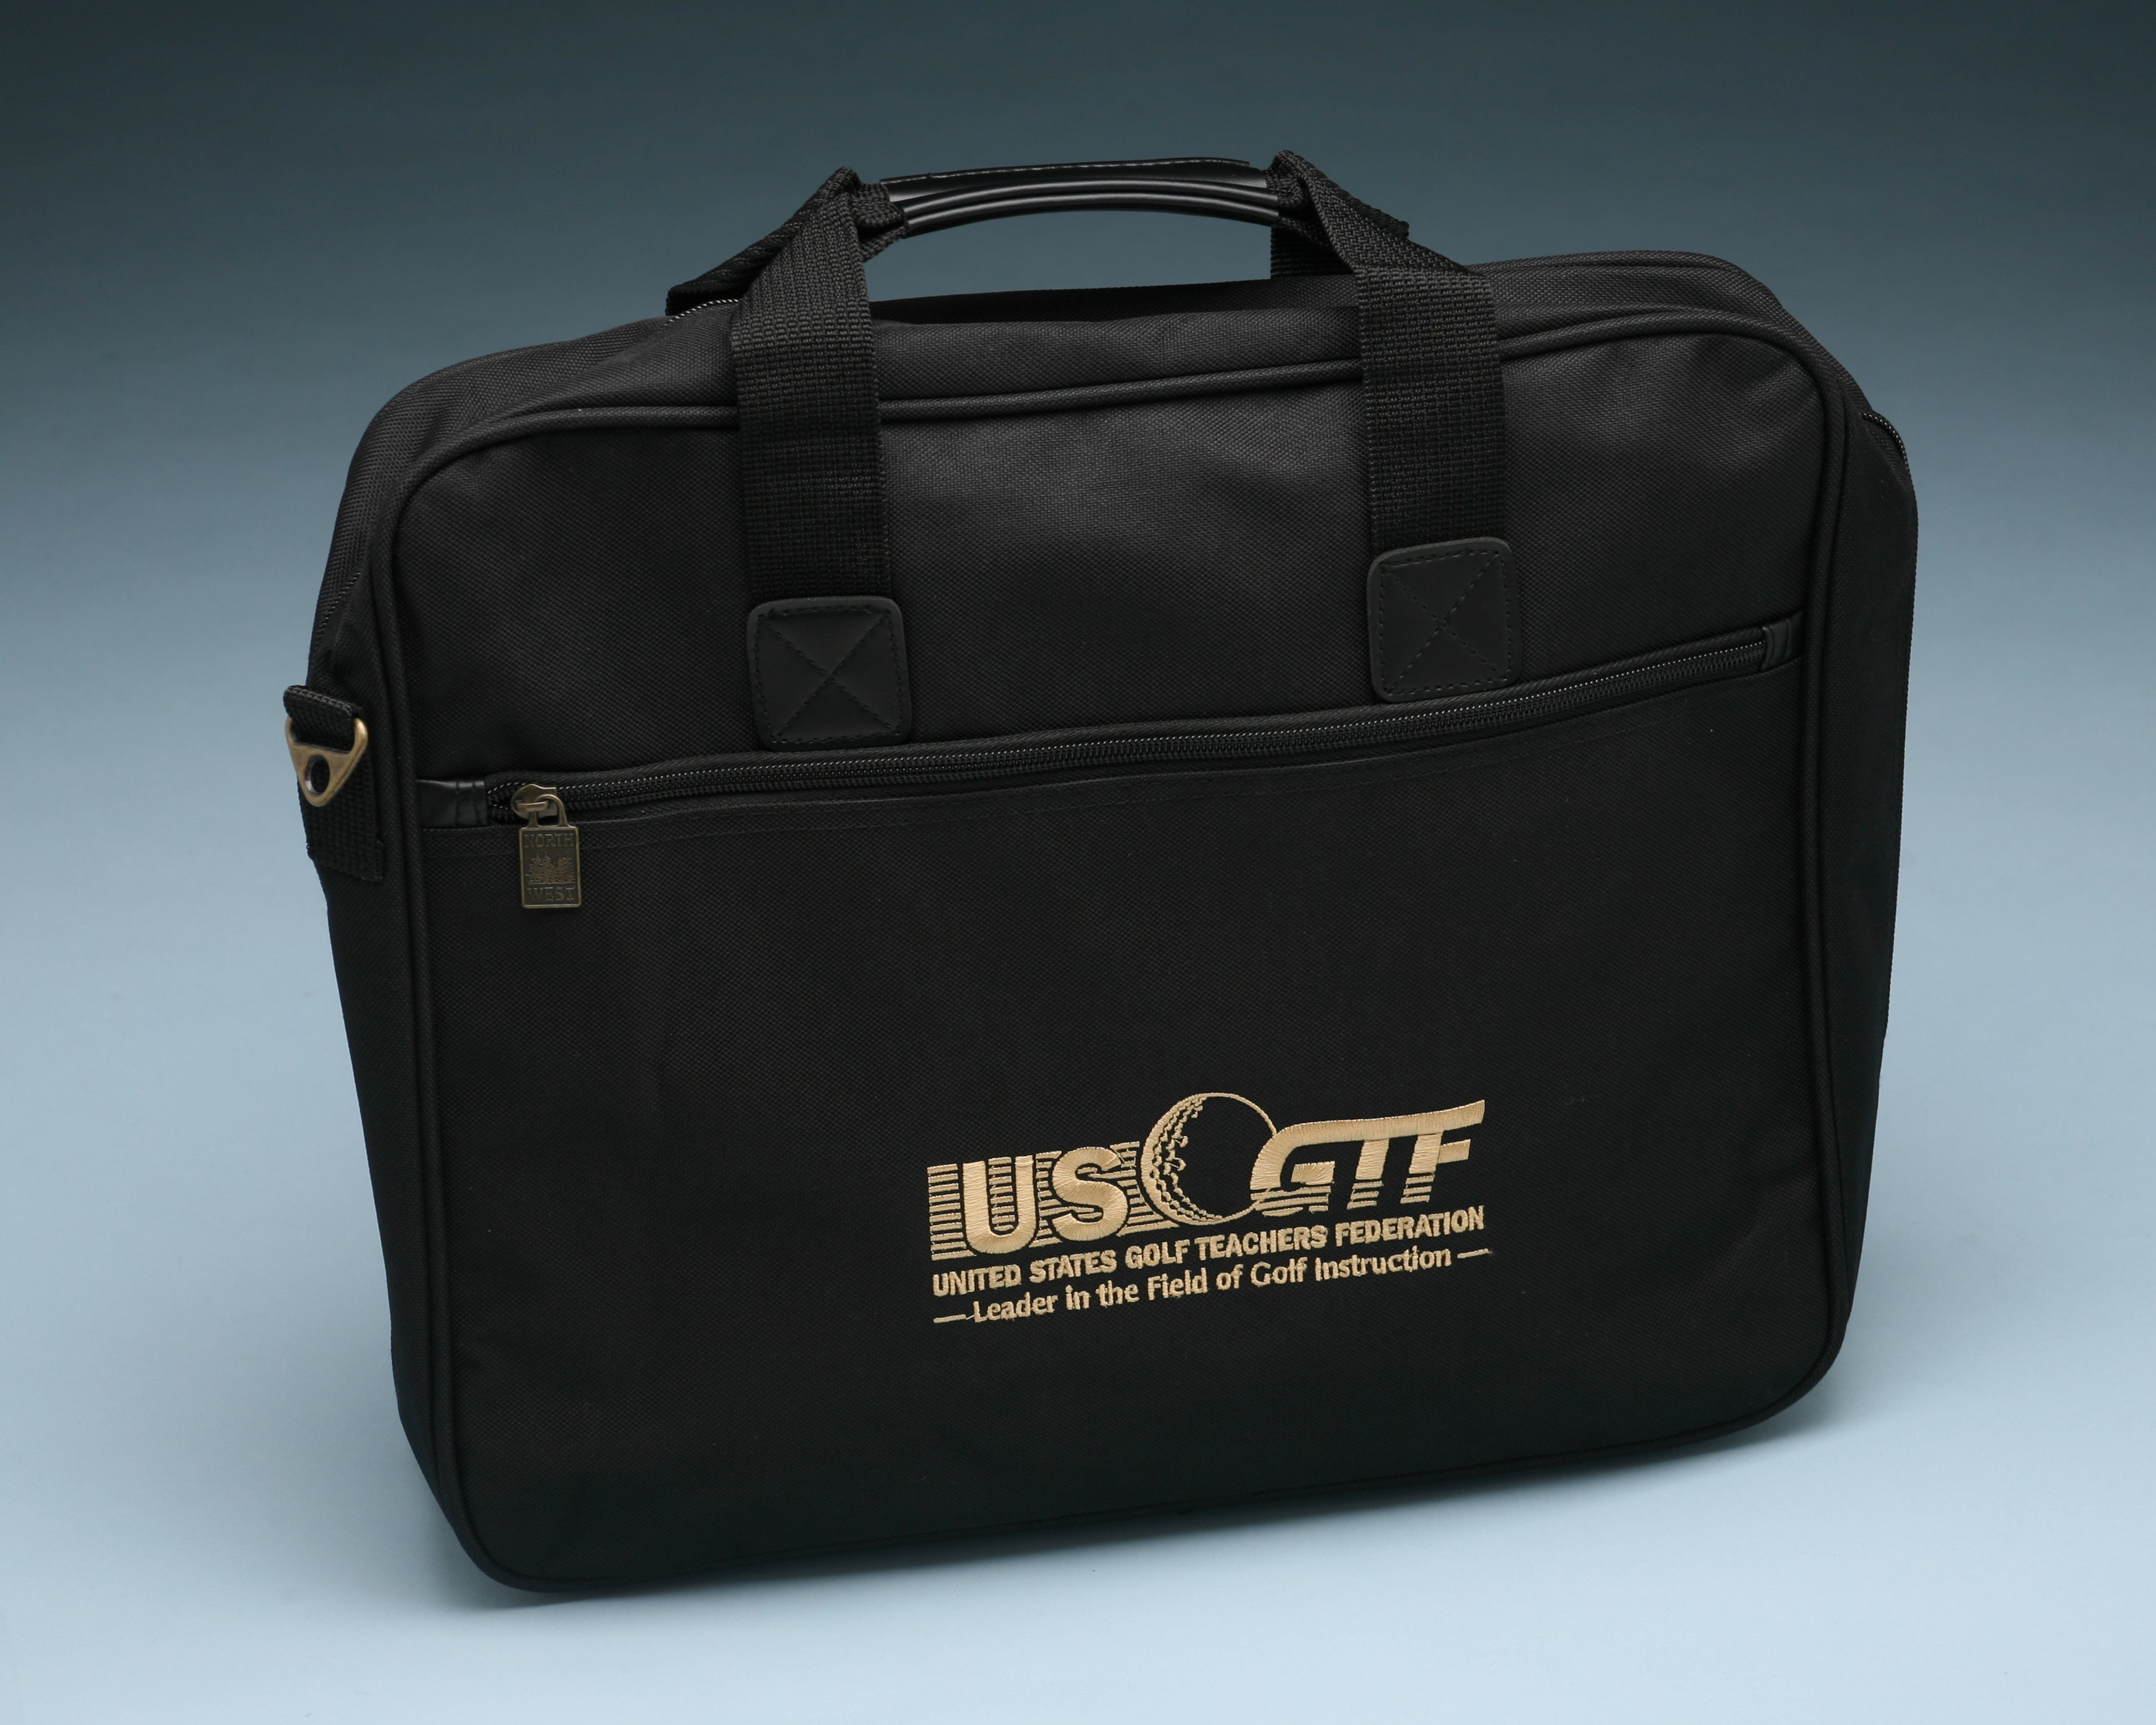 usgtf golf teacher certified golf instructor